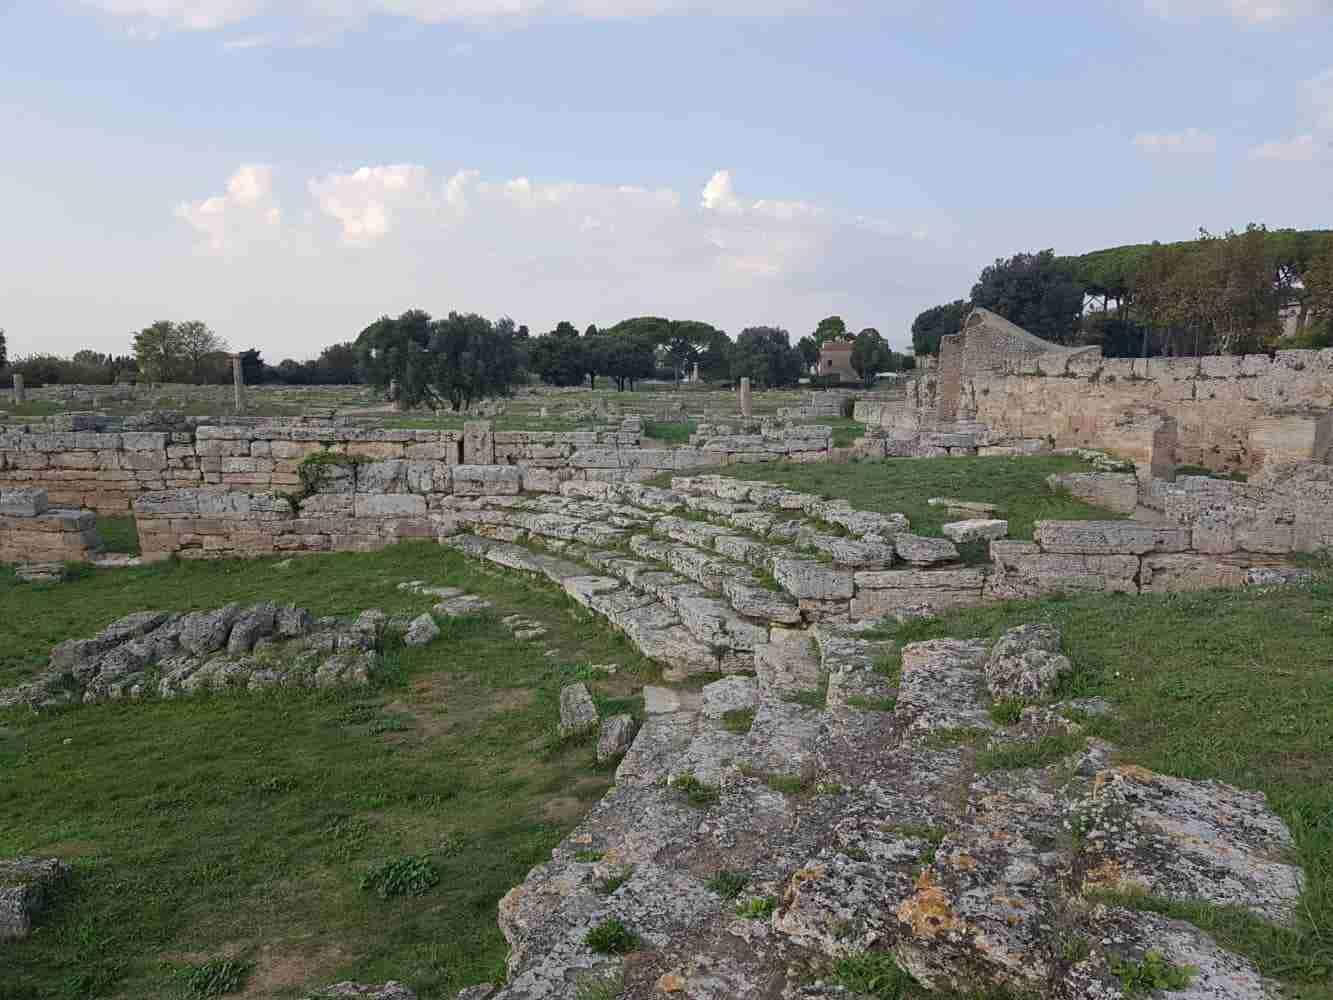 Il Parco Archeologico di Paestum: un sito incomparabile 2